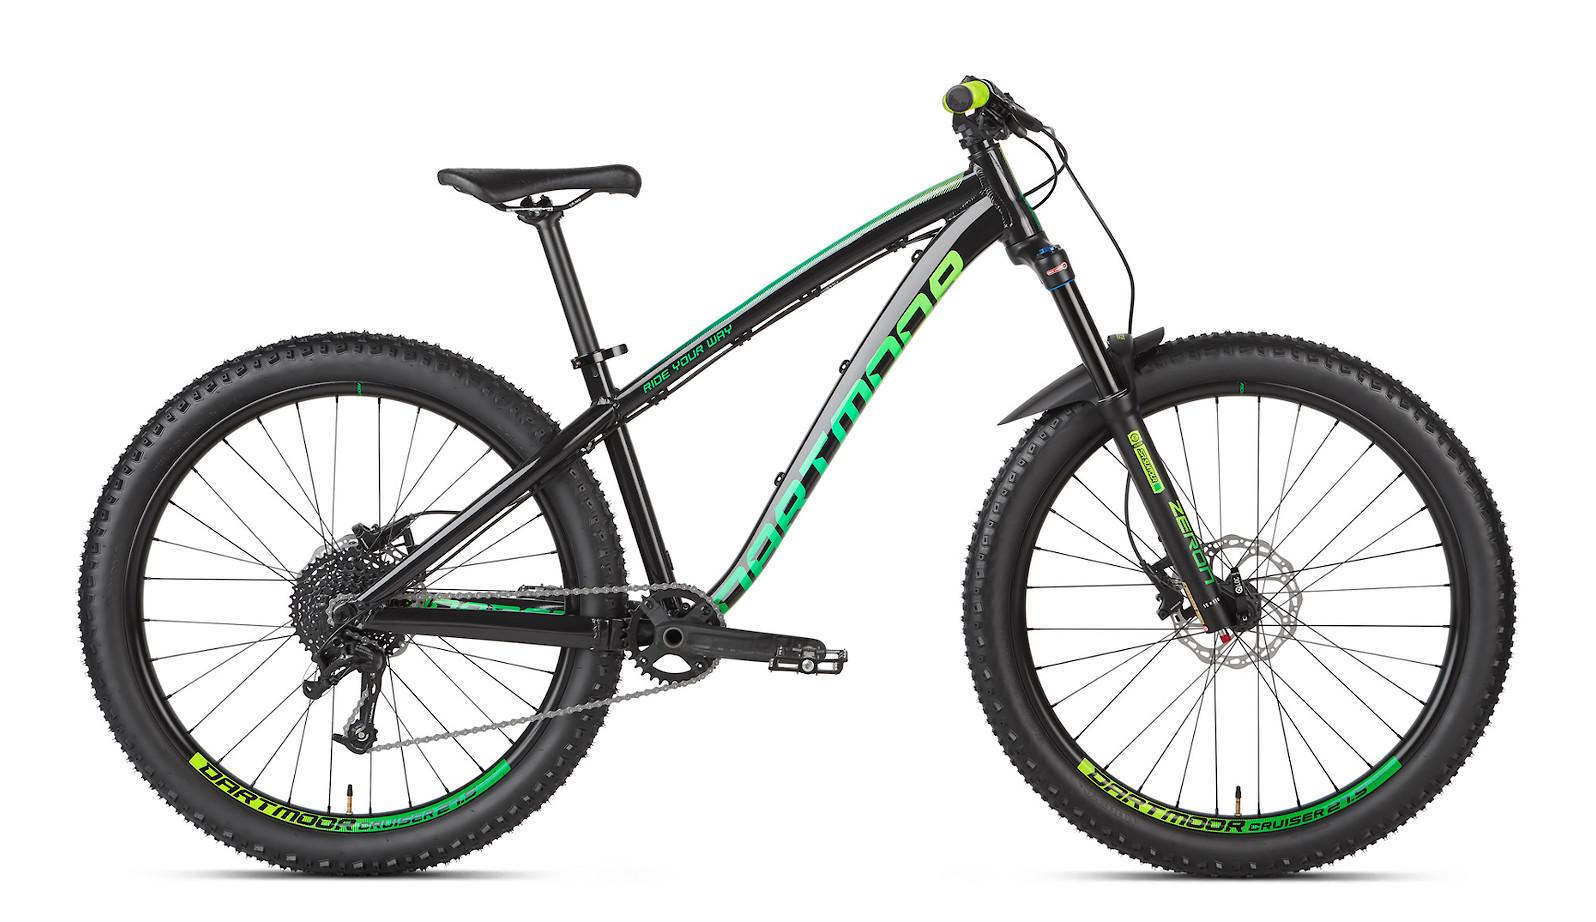 2019 Dartmoor Hornet Bike